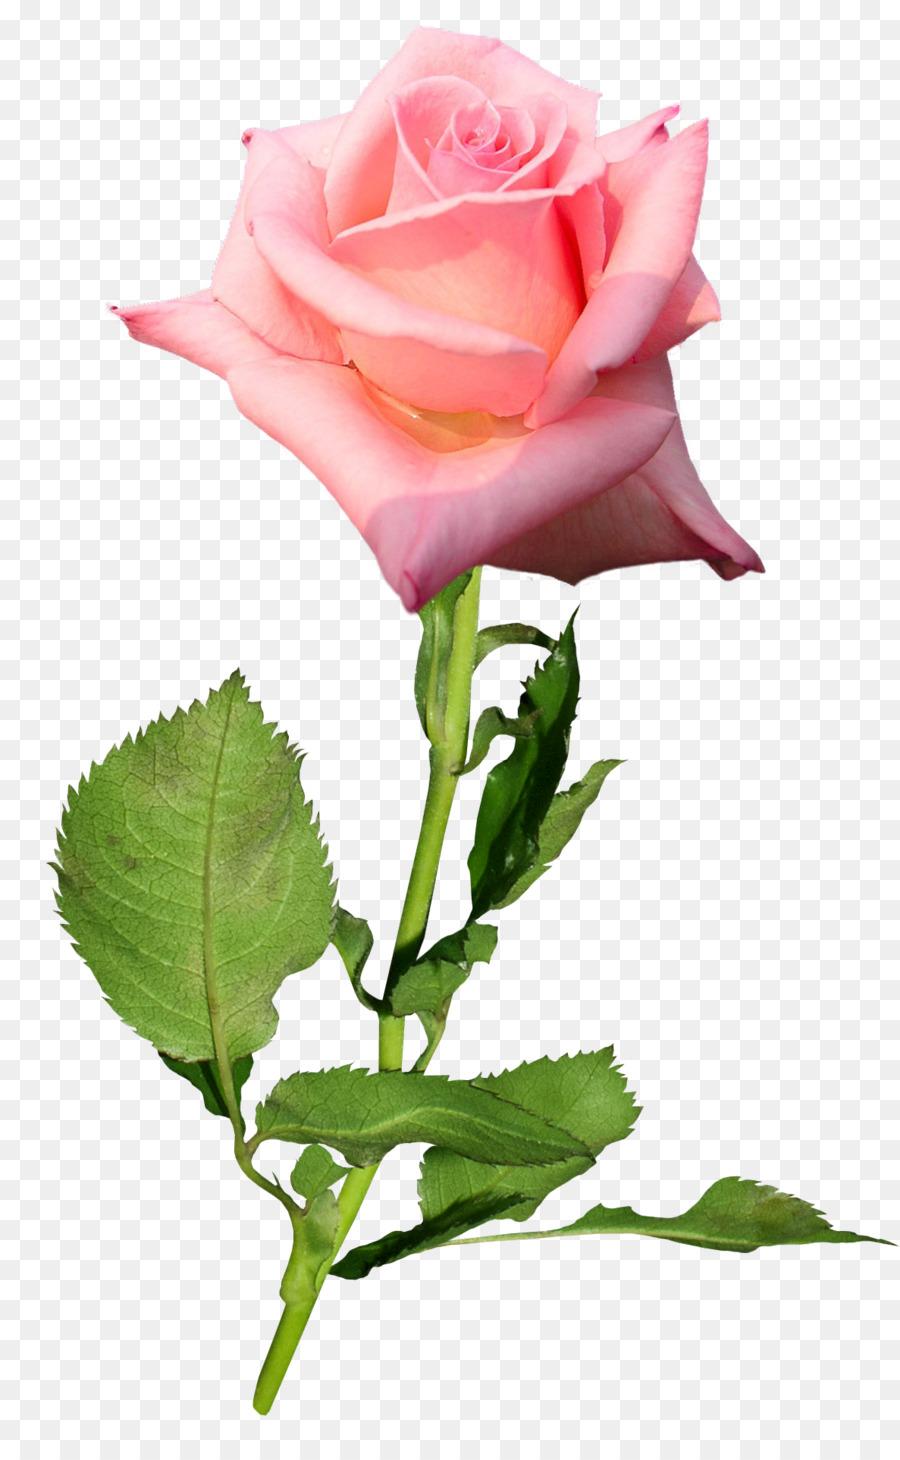 Garden Roses Flower Hybrid Tea Rose Bud Floral Vector Material